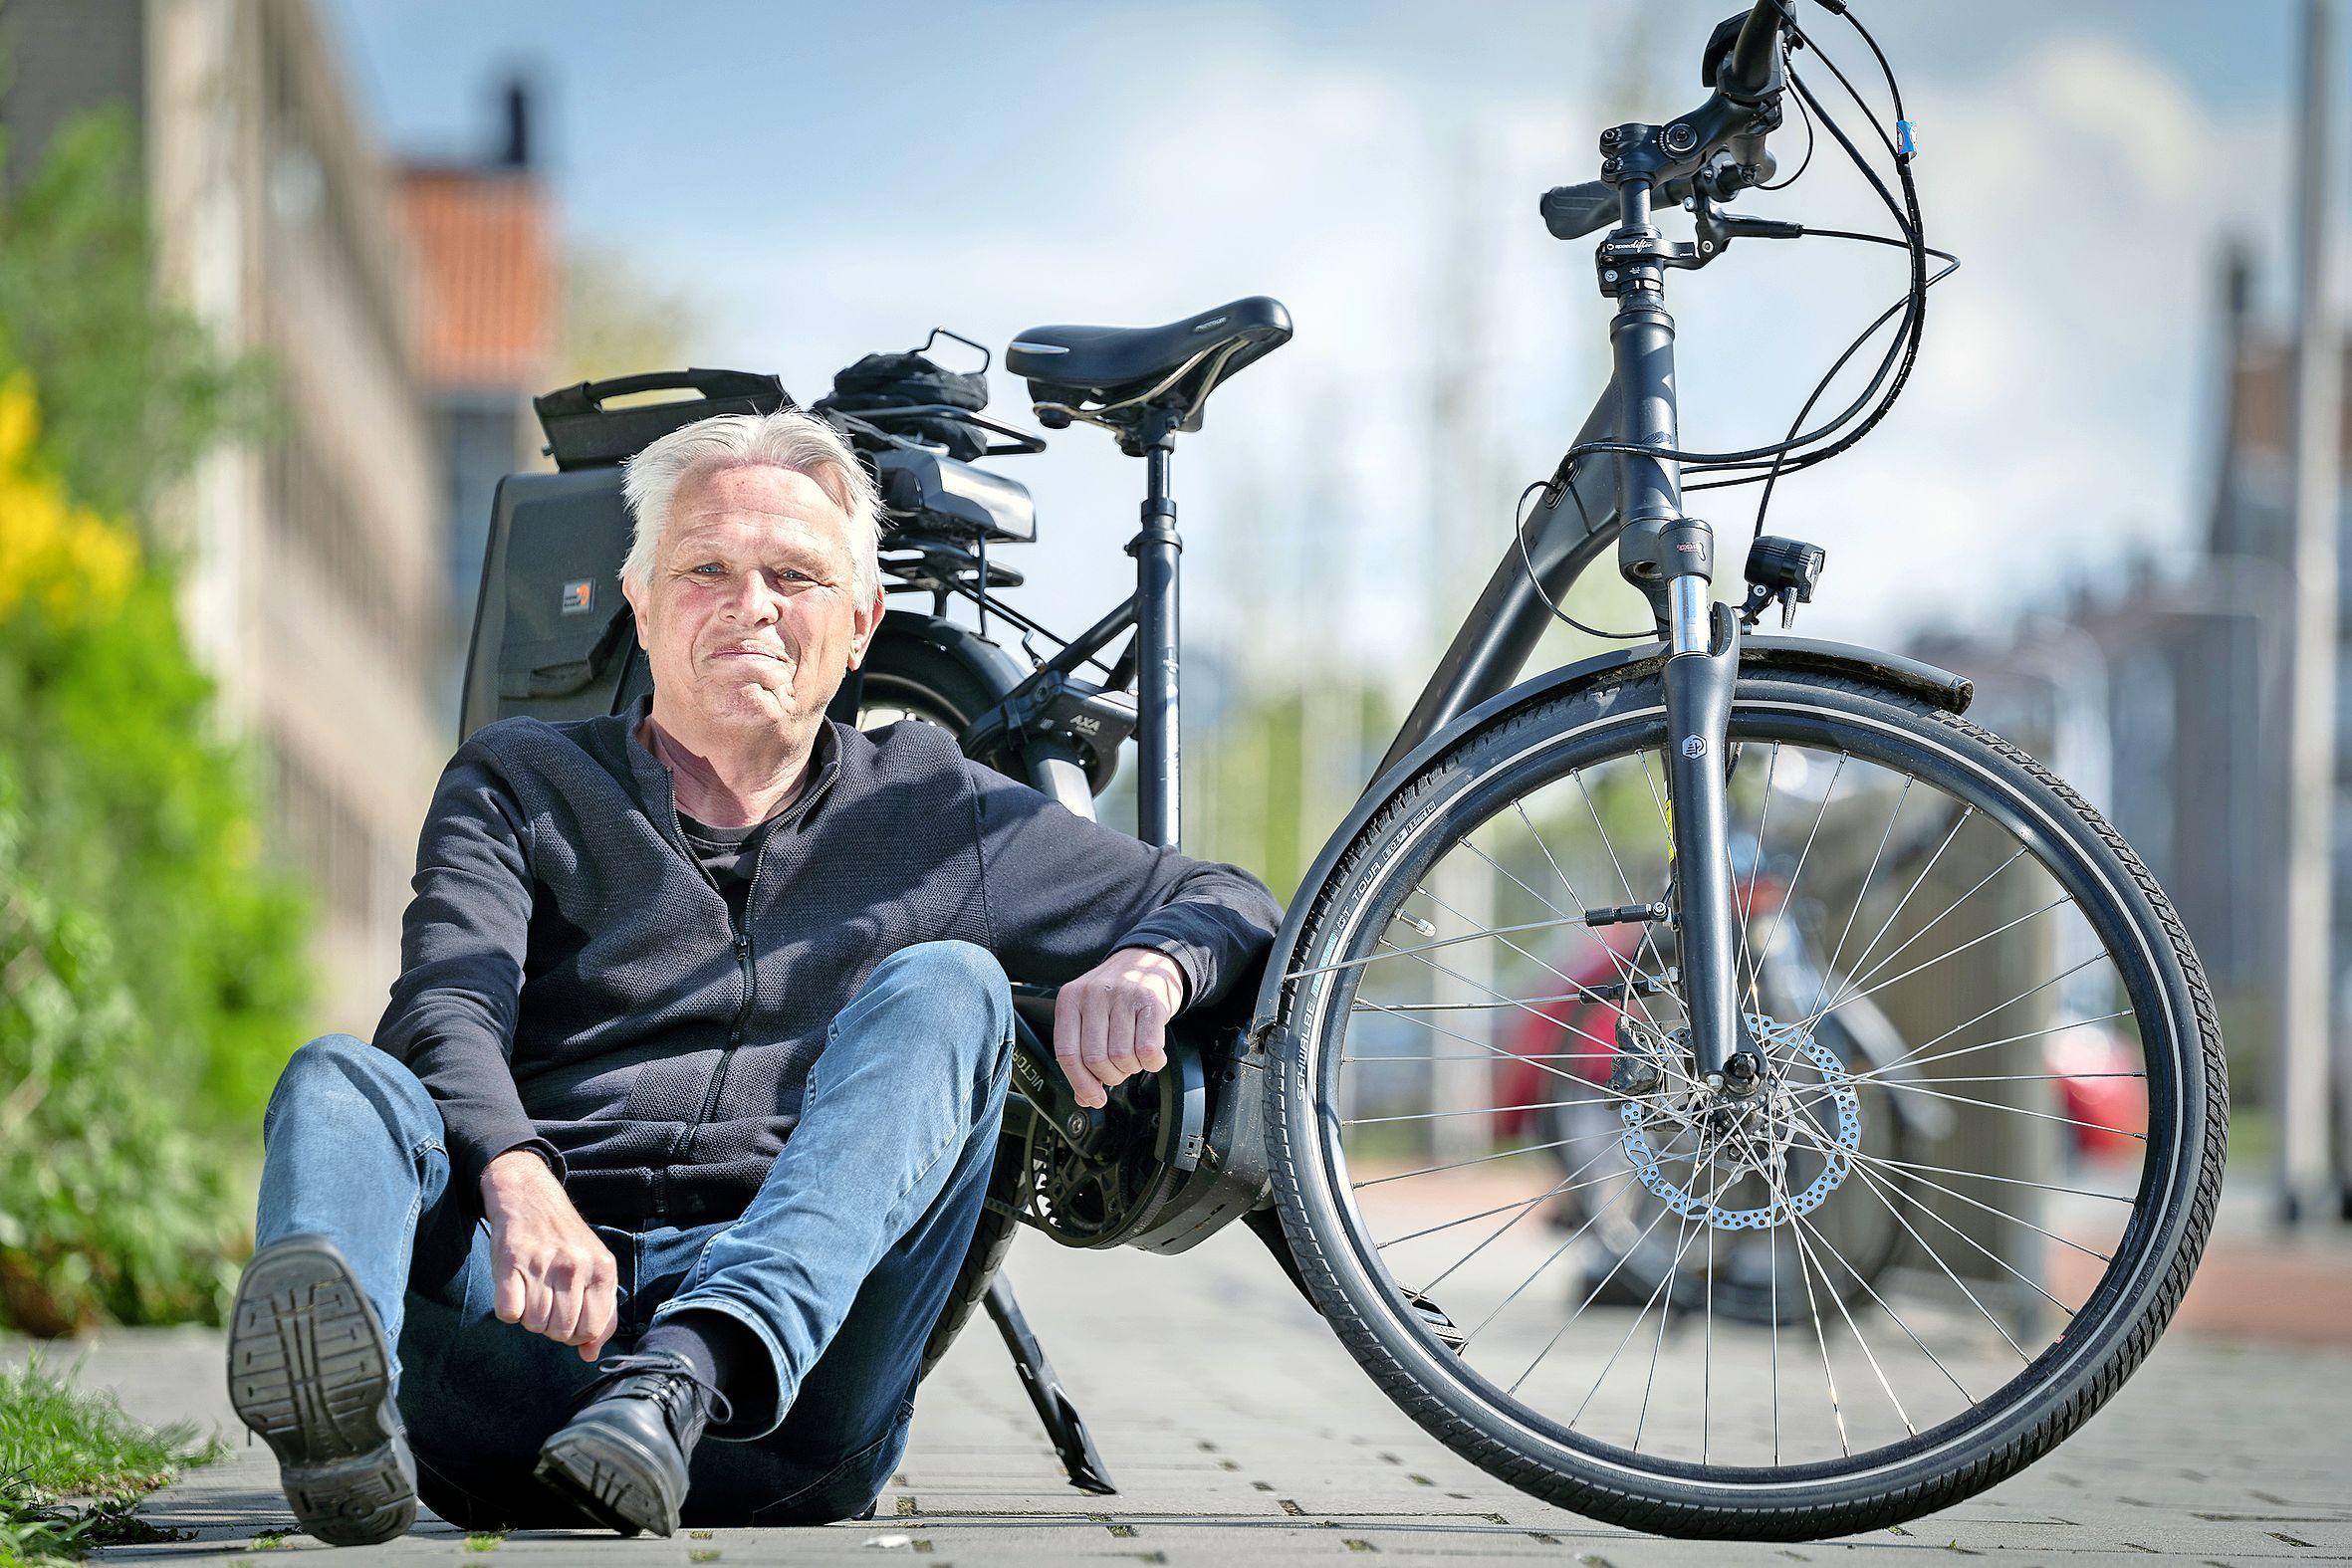 Hans (66) heeft door corona het fietsen herontdekt. 'Ik heb het afgelopen jaar delen van het duin ontdekt waar ik nog nooit was geweest. Je waant je er gewoon op vakantie'